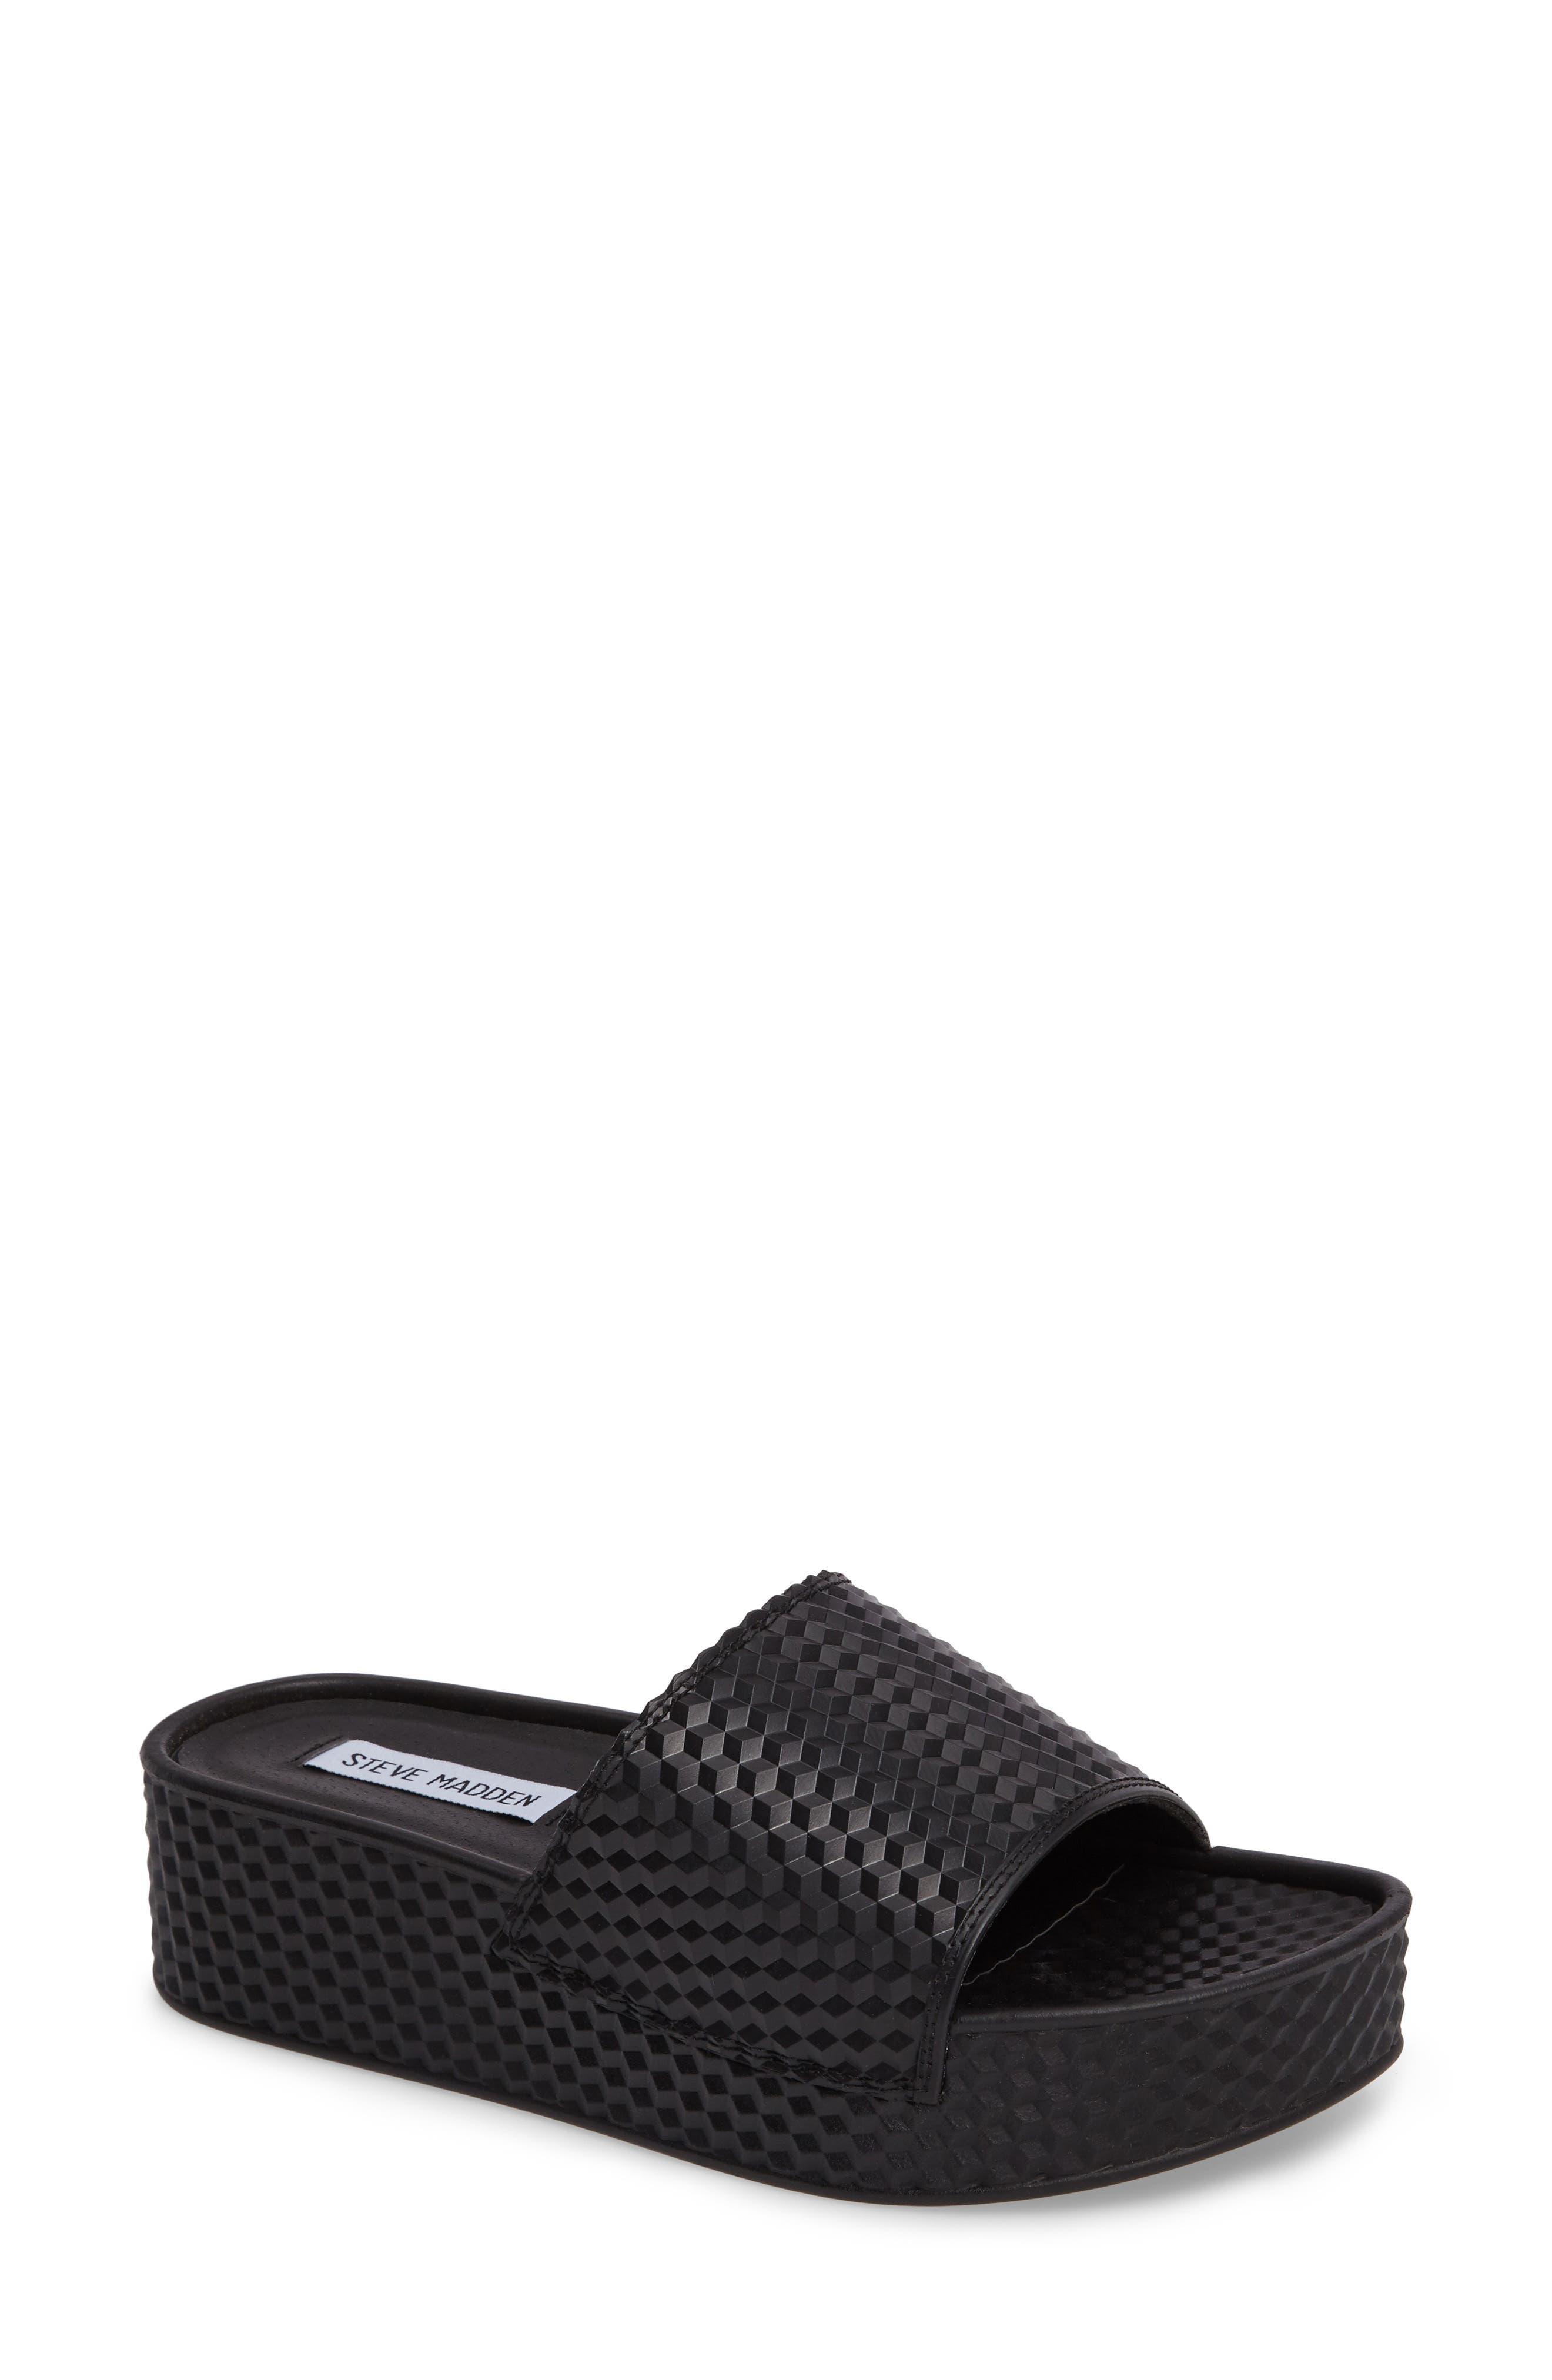 Sharpie Slide Sandal,                         Main,                         color, 006